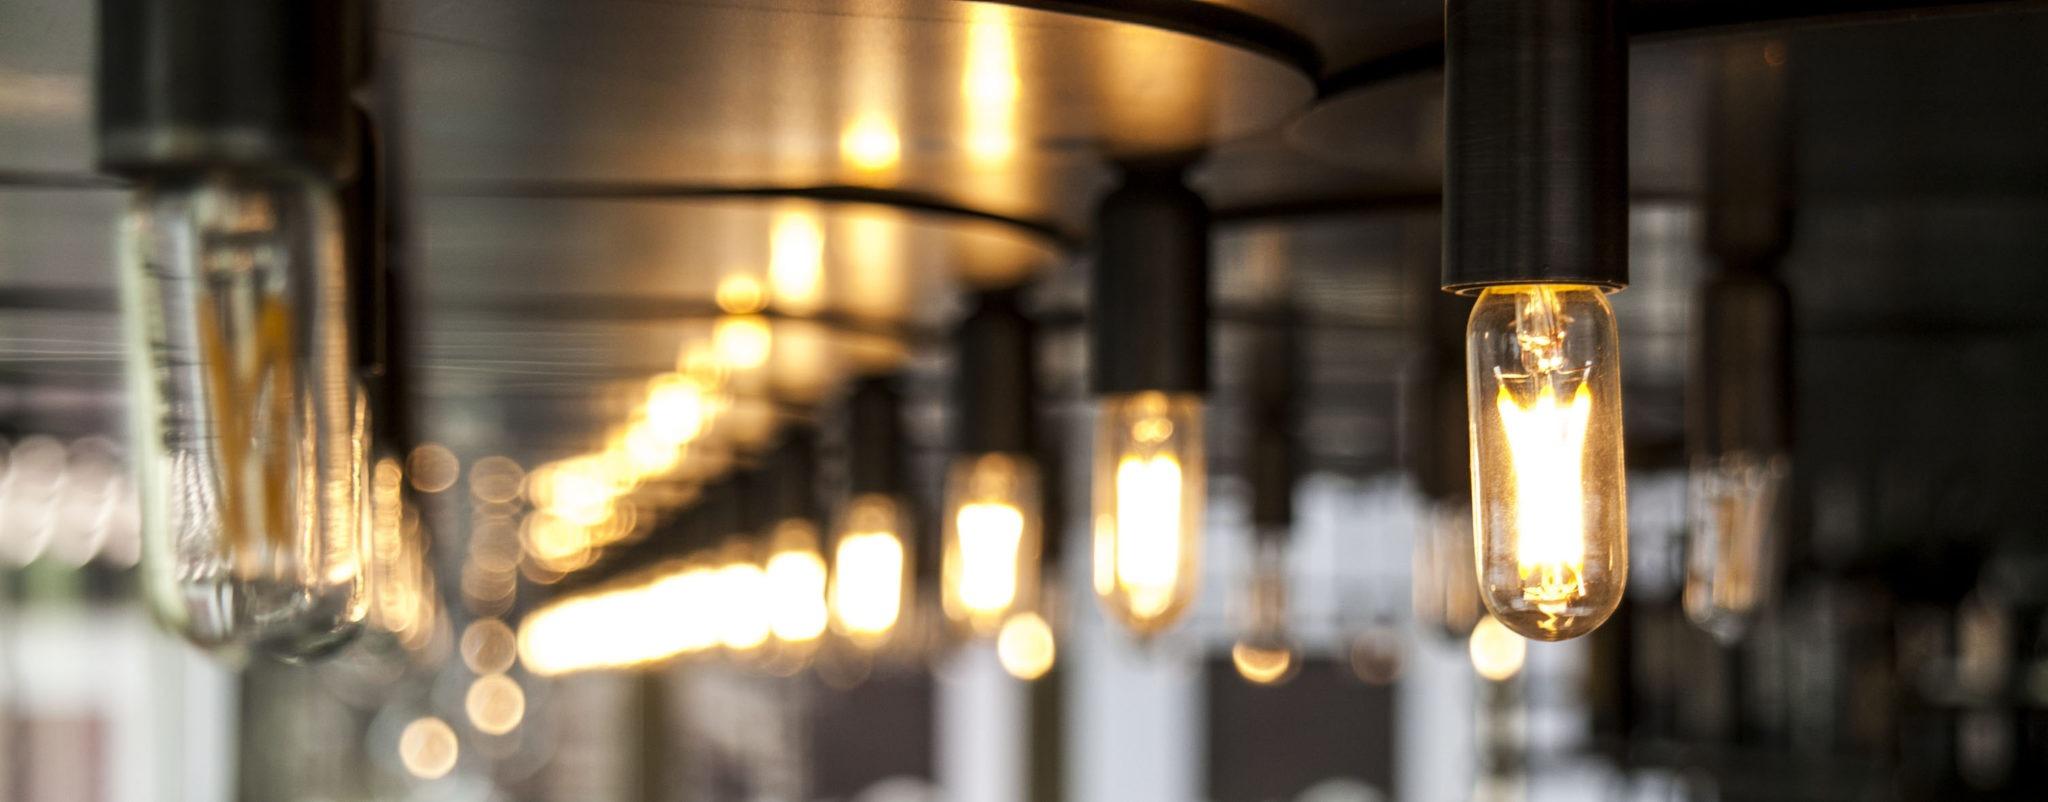 La luz que te acompaña en El Buho Restaurante Sky Bar en Pamplona